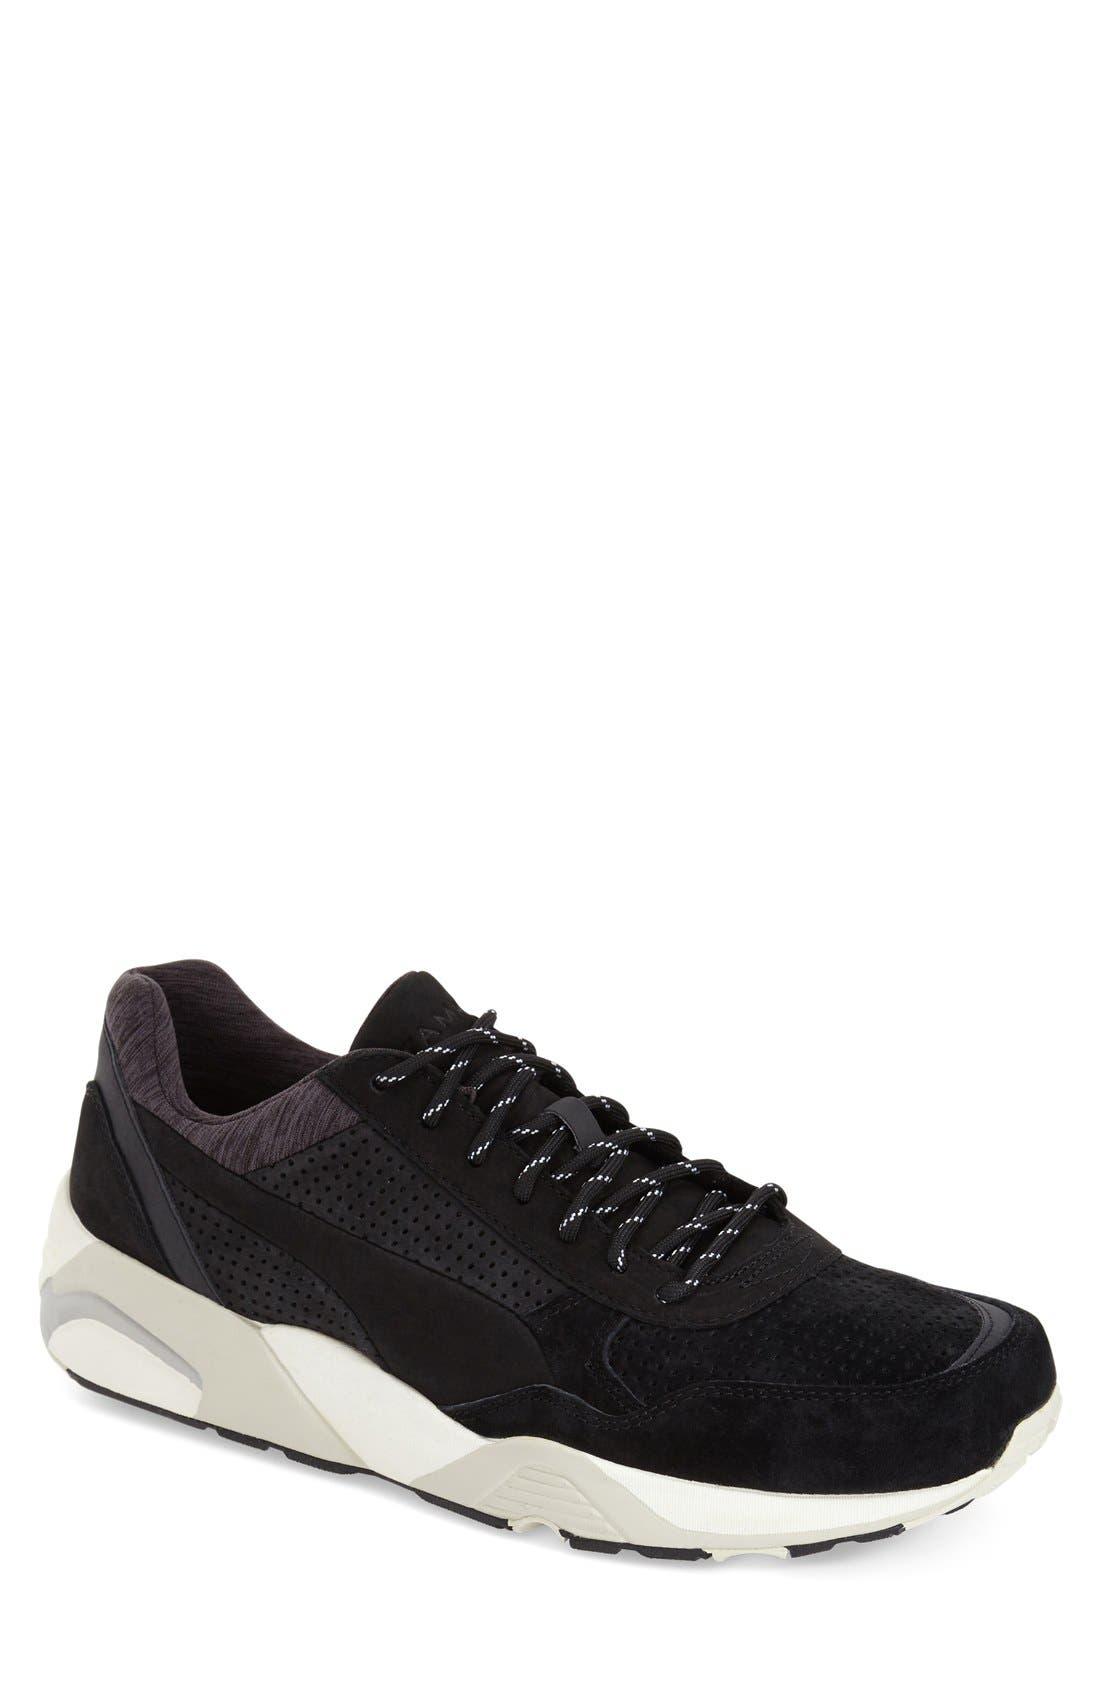 PUMA 'R698 X STAMPD' Sneaker